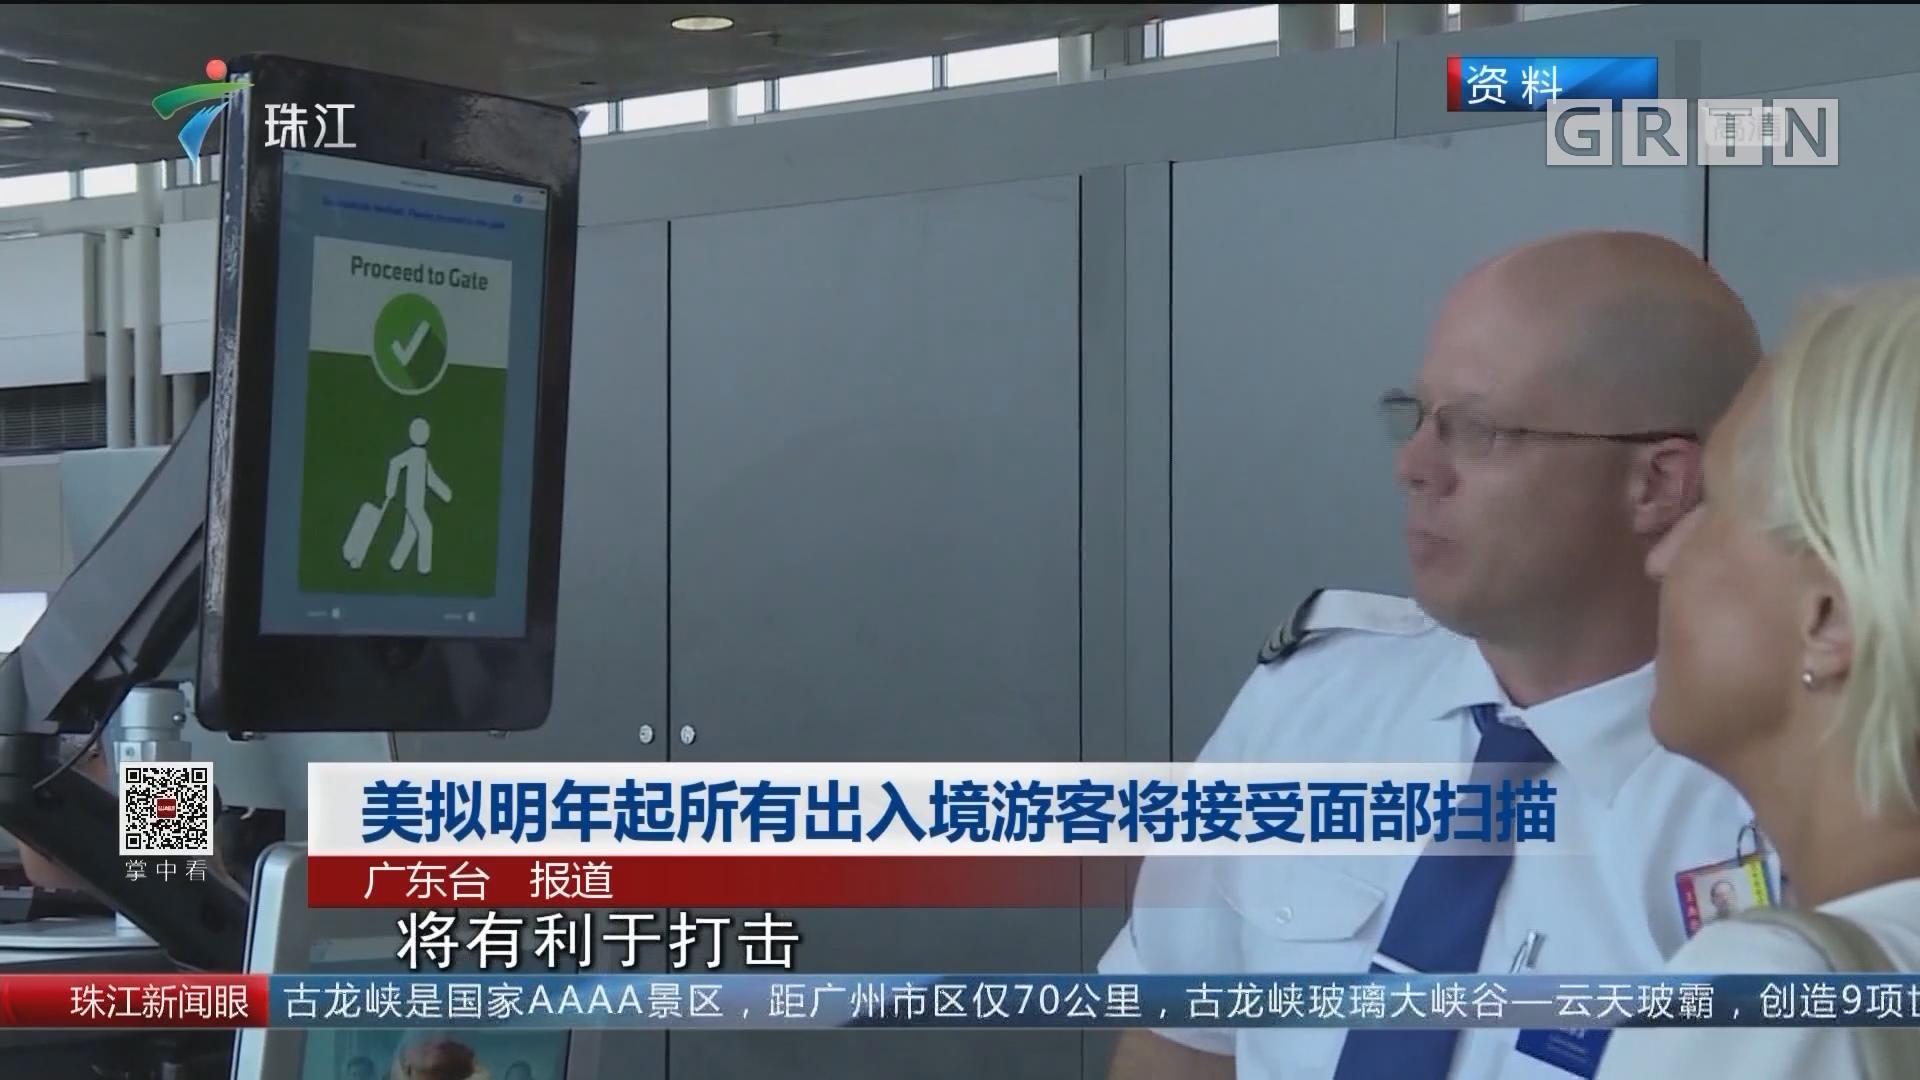 美拟明年起所有出入境游客将接受面部扫描